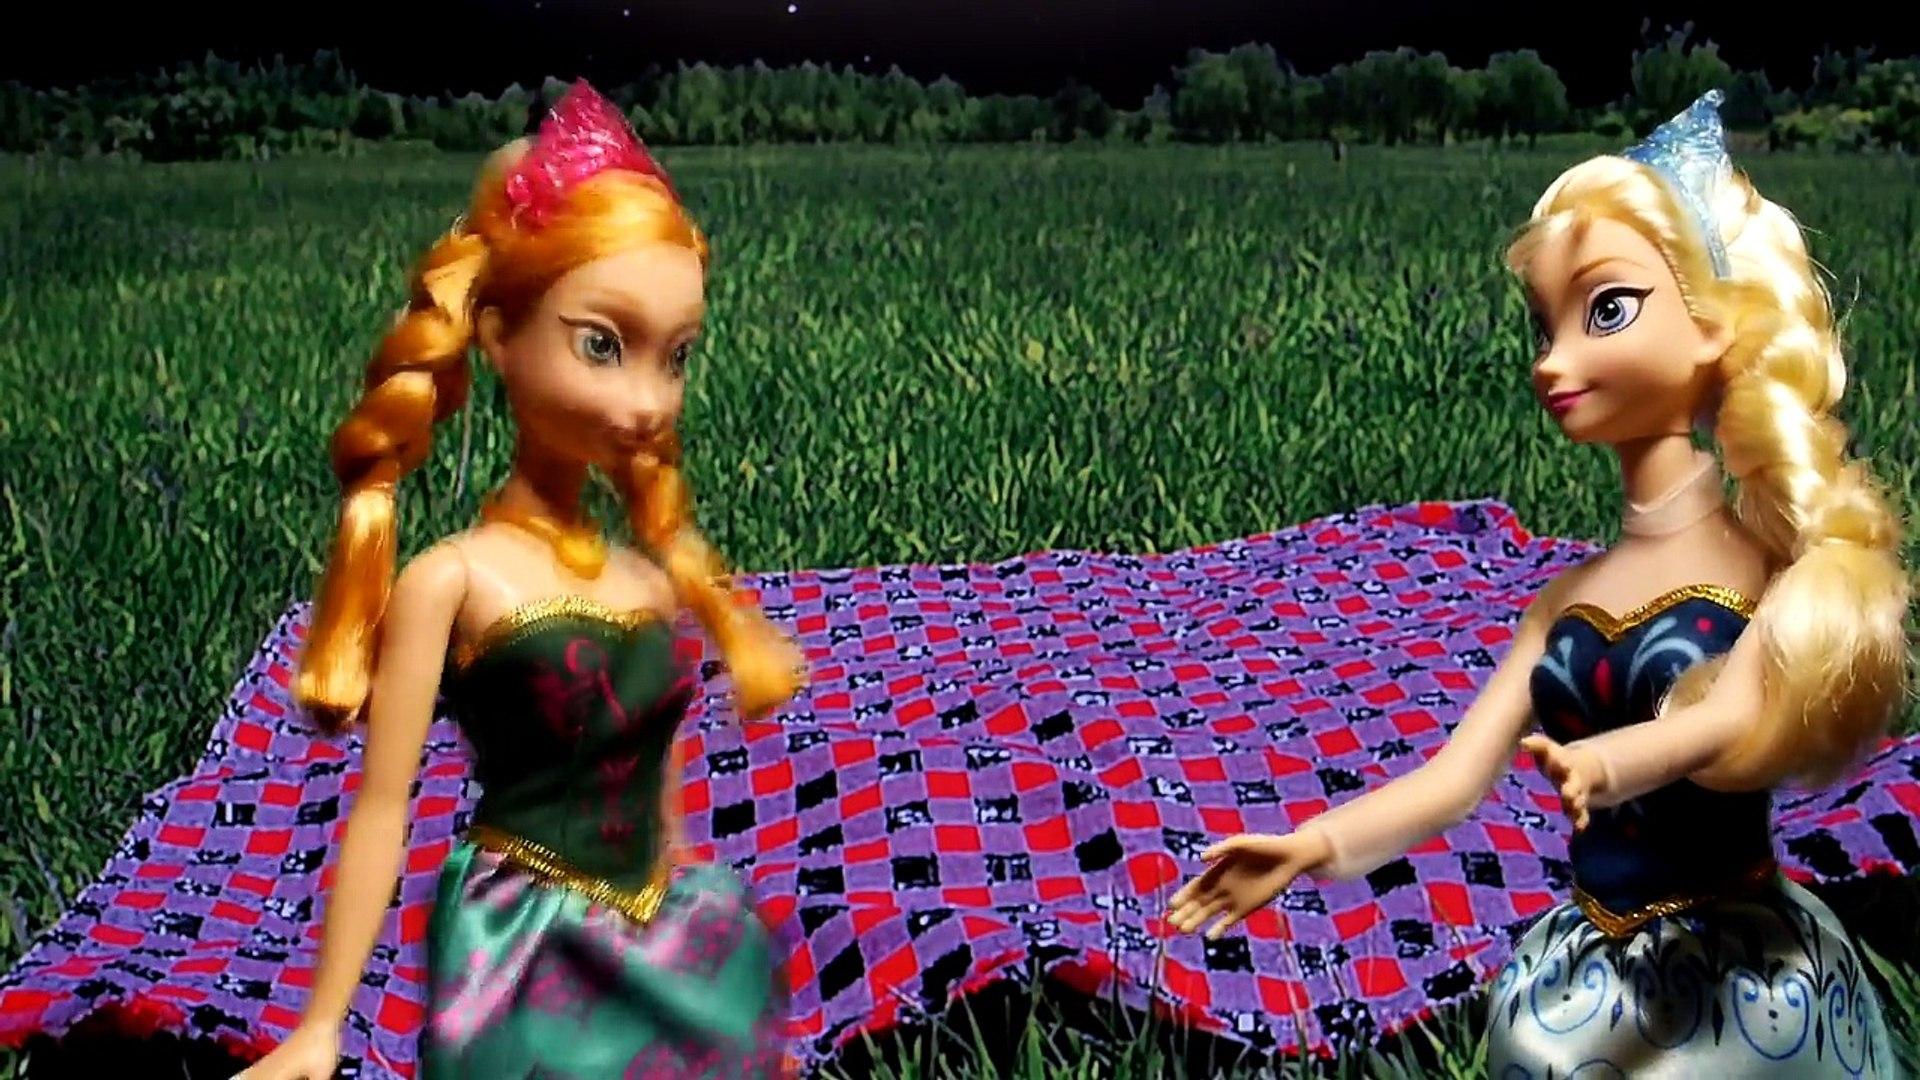 Дисней замороженные Эльза и Анна Дорога поездка играть доч Пляж Королева Эльза шутки Принцесса Анна Паритет